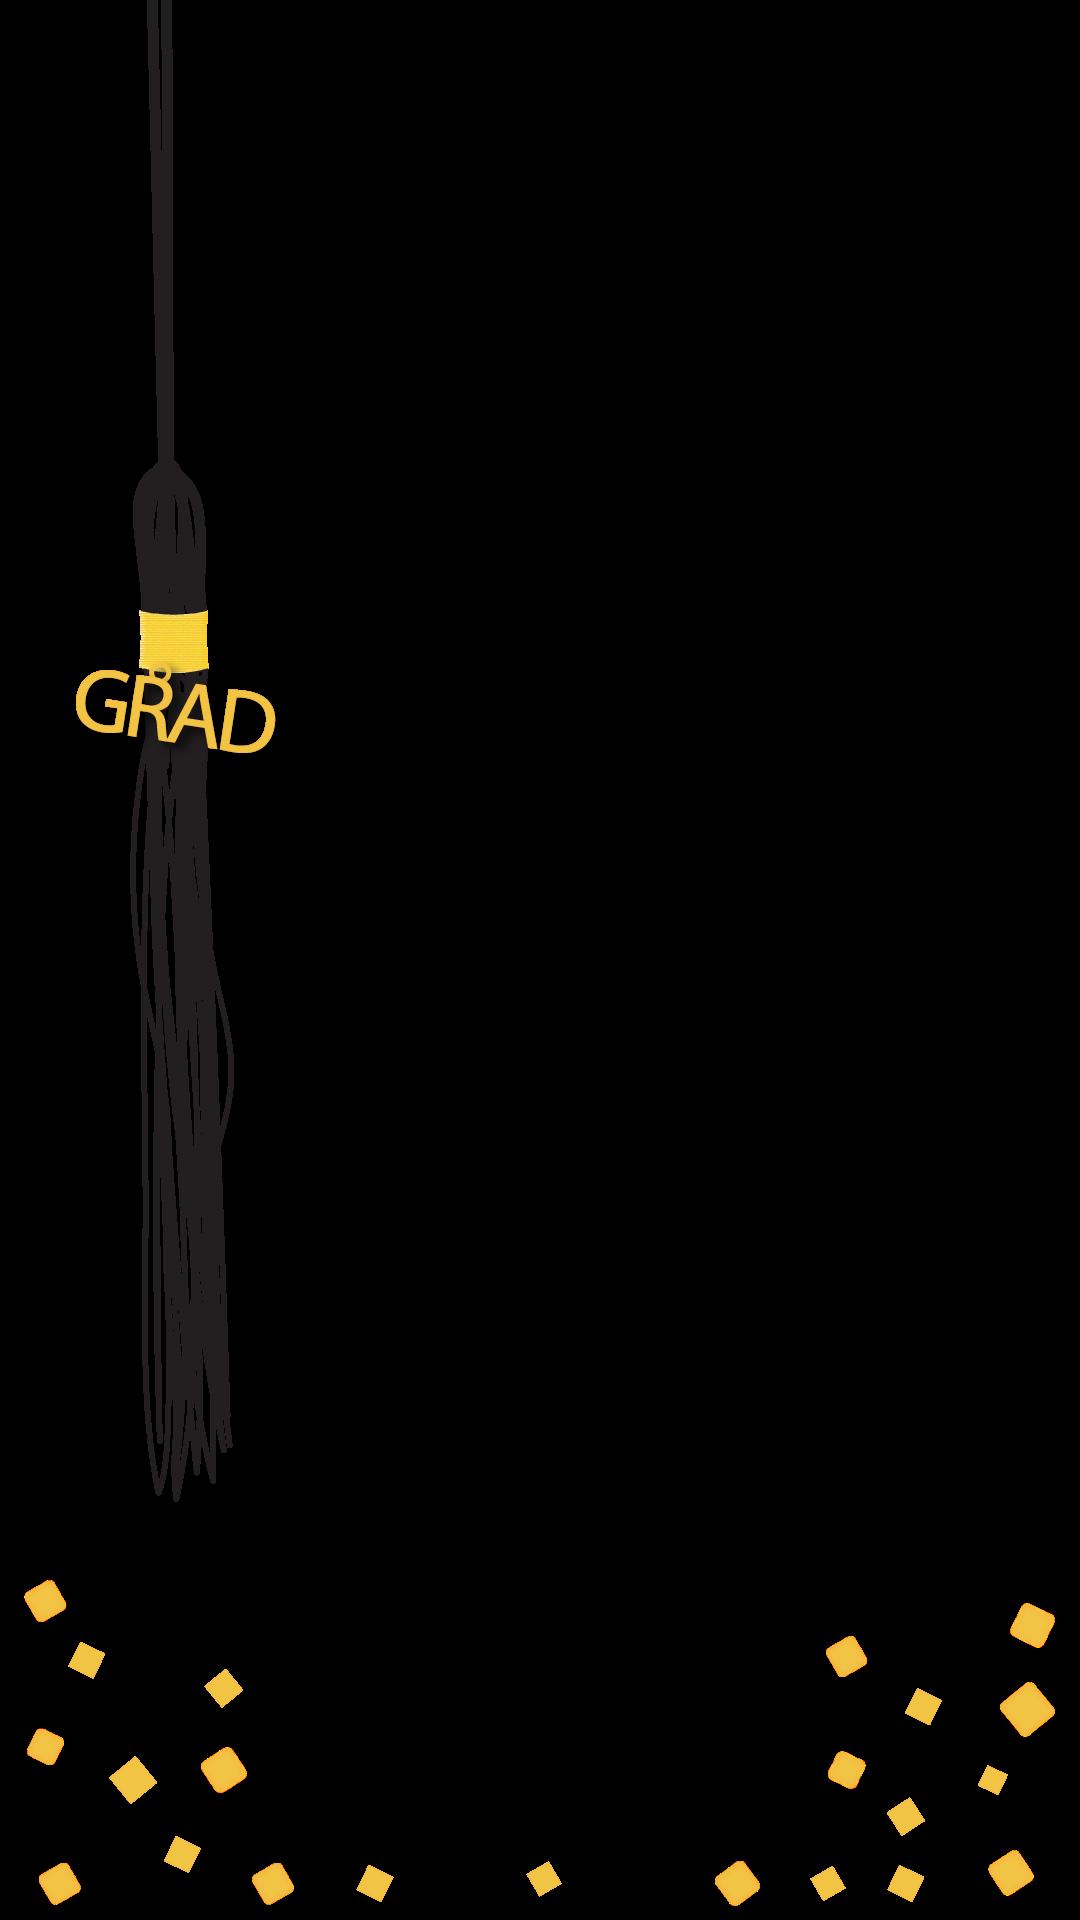 Graduation Tassel Snapchat Filter